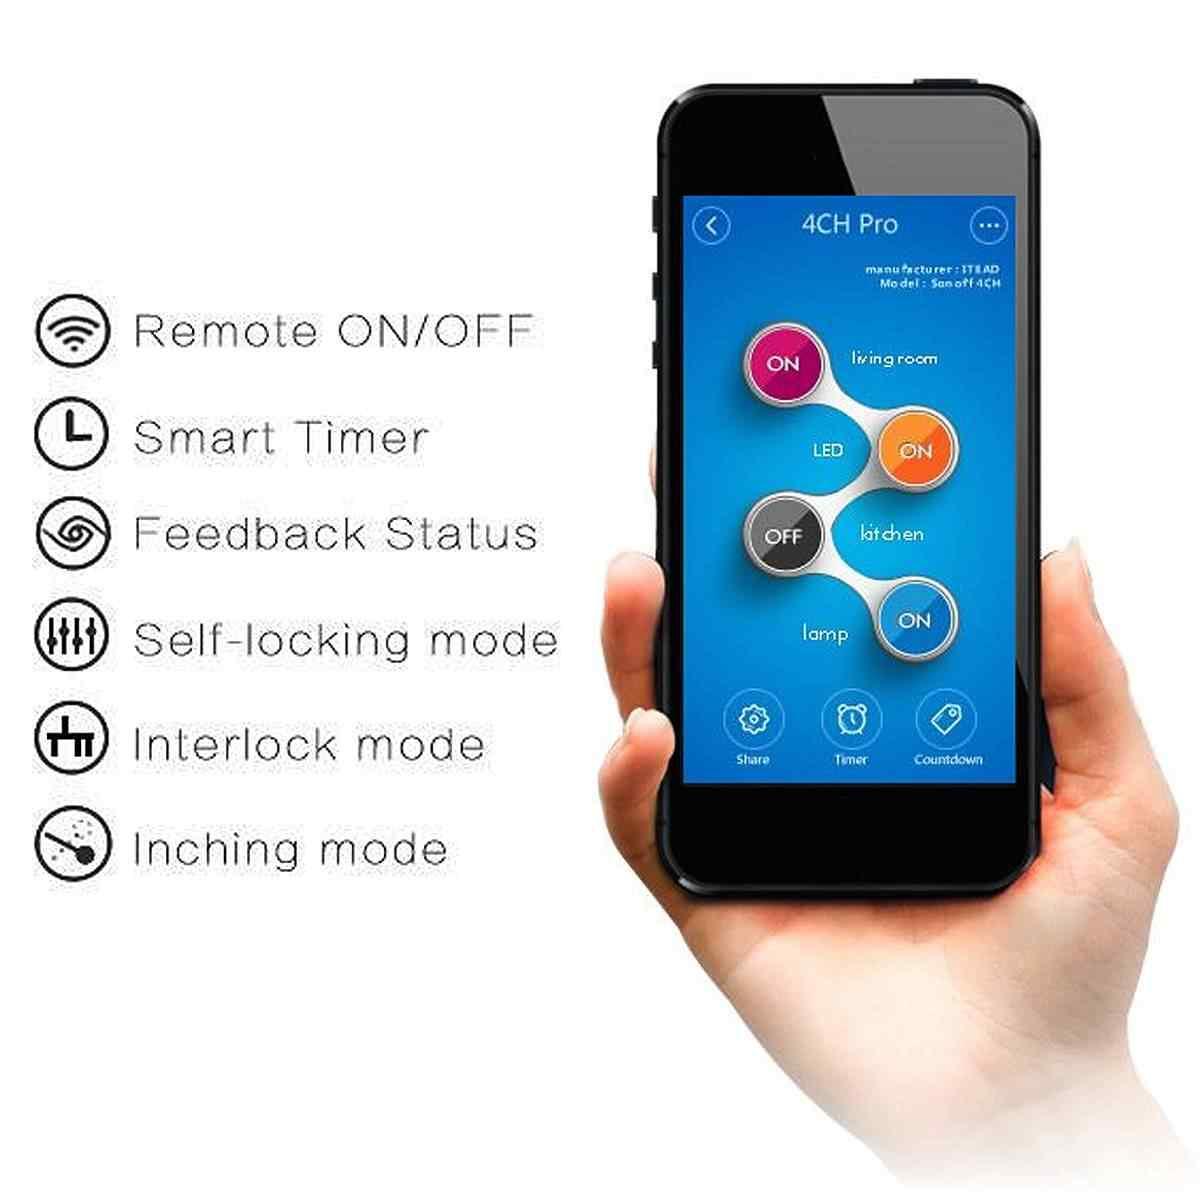 SONOFF 4CH Pro R2 2,4 Ghz 433MHz RF умный дом беспроводной WiFi переключатель приложение пульт дистанционного управления модуль Inching/самоблокирующийся/Блокировка